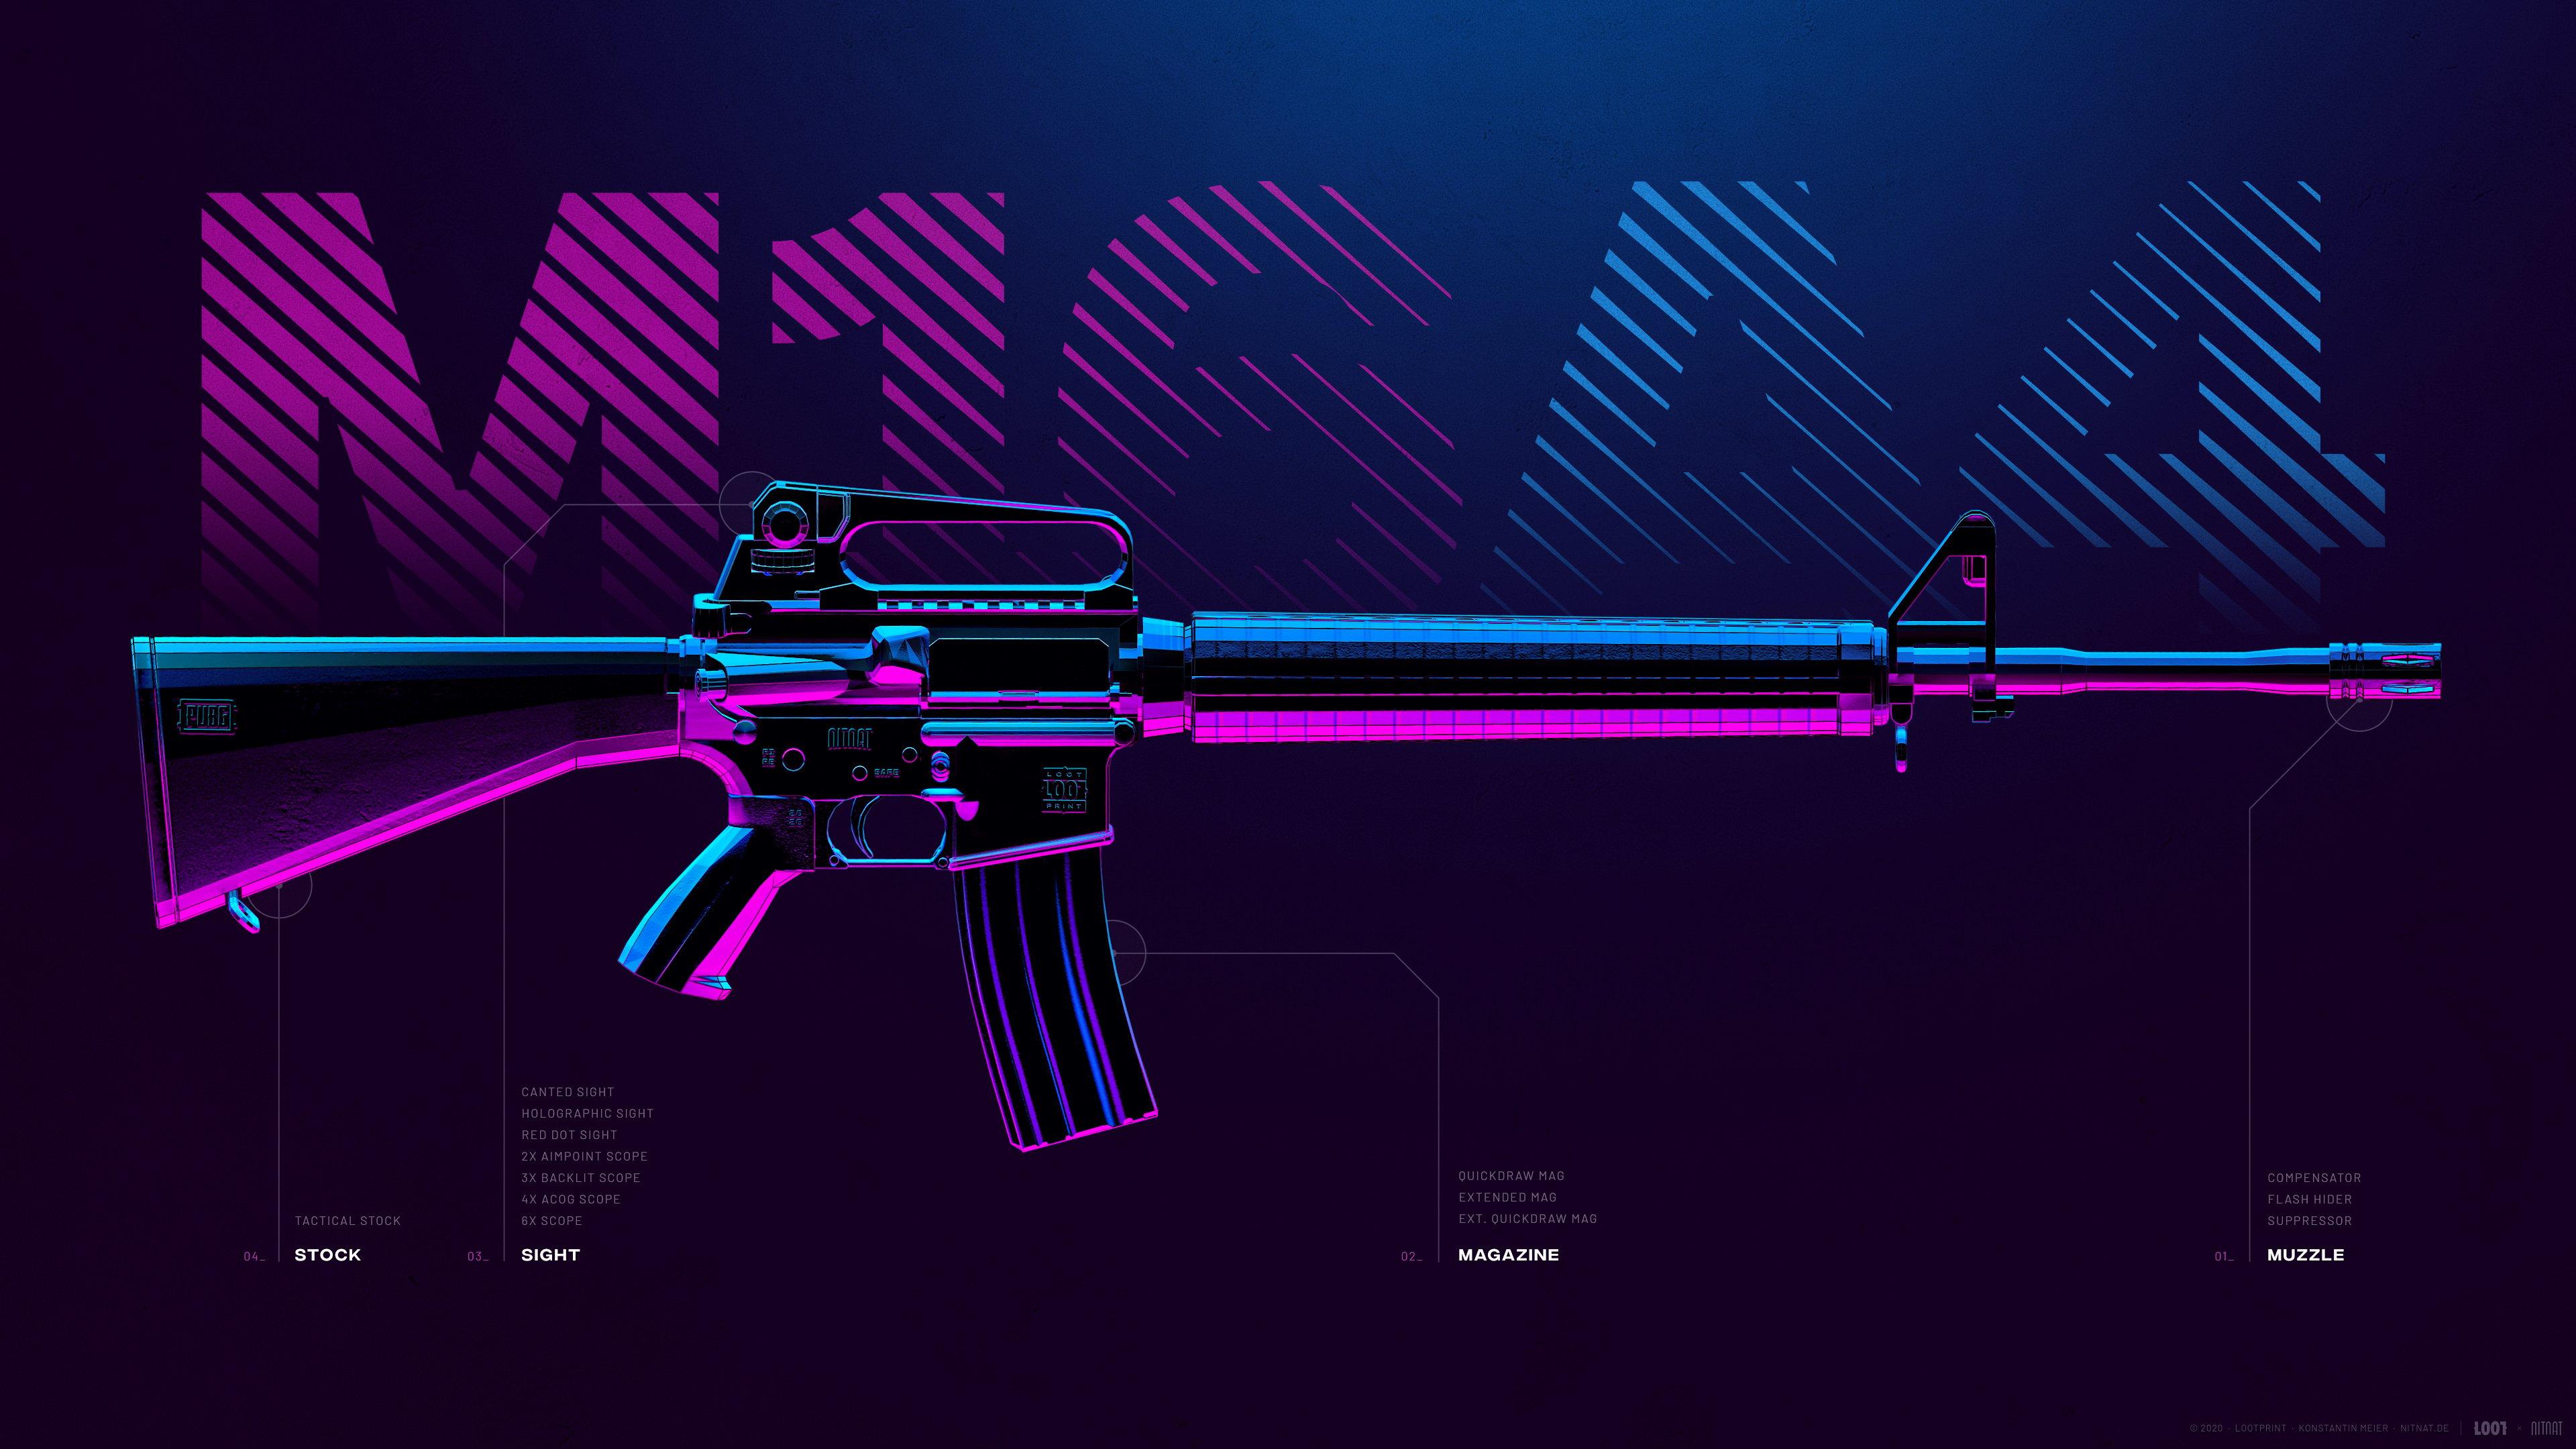 Fondos de pantalla Arma M16A4 de PUBG